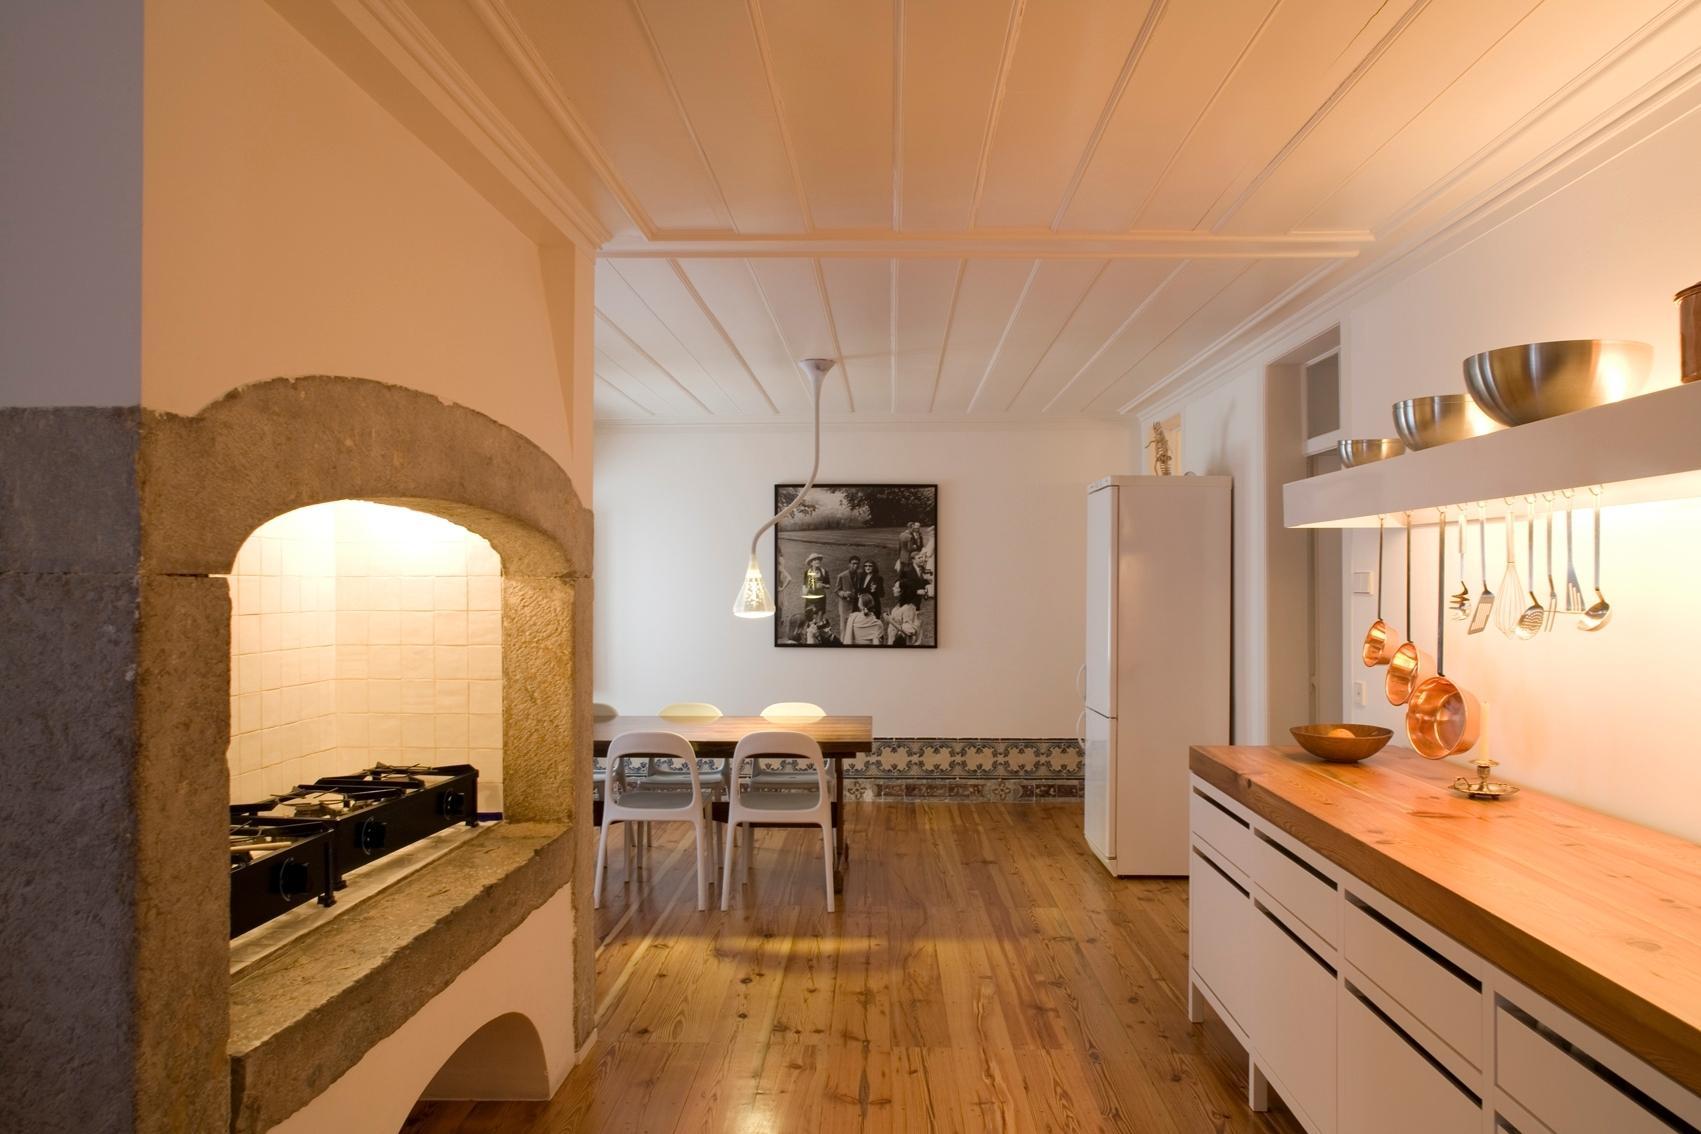 #B74D08 dúplex chamado Casa Maria Borges. Segundo o arquiteto e projetista da  1701x1134 px Idéias Da Configuração Da Cozinha_128 Imagens